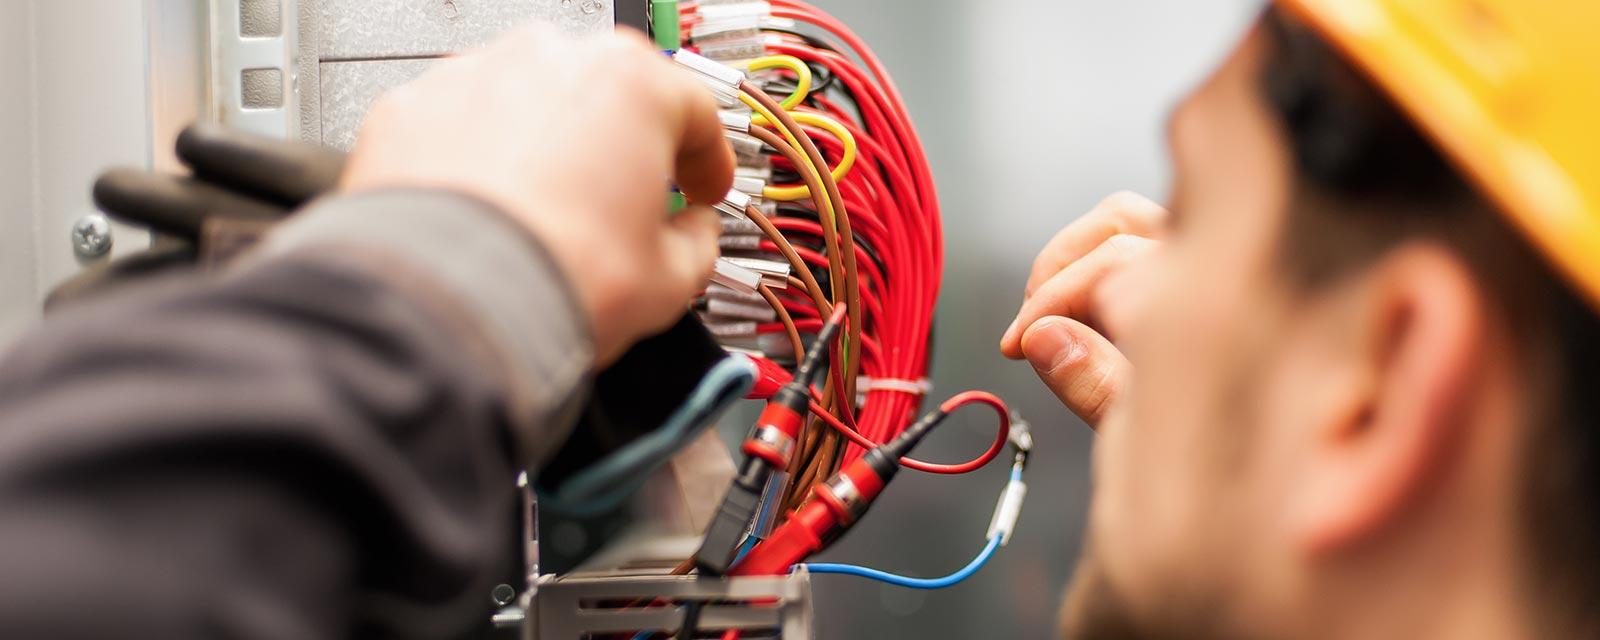 Etude De Marche Artisan Electricien quelles sont les compétences d'un artisan électricien